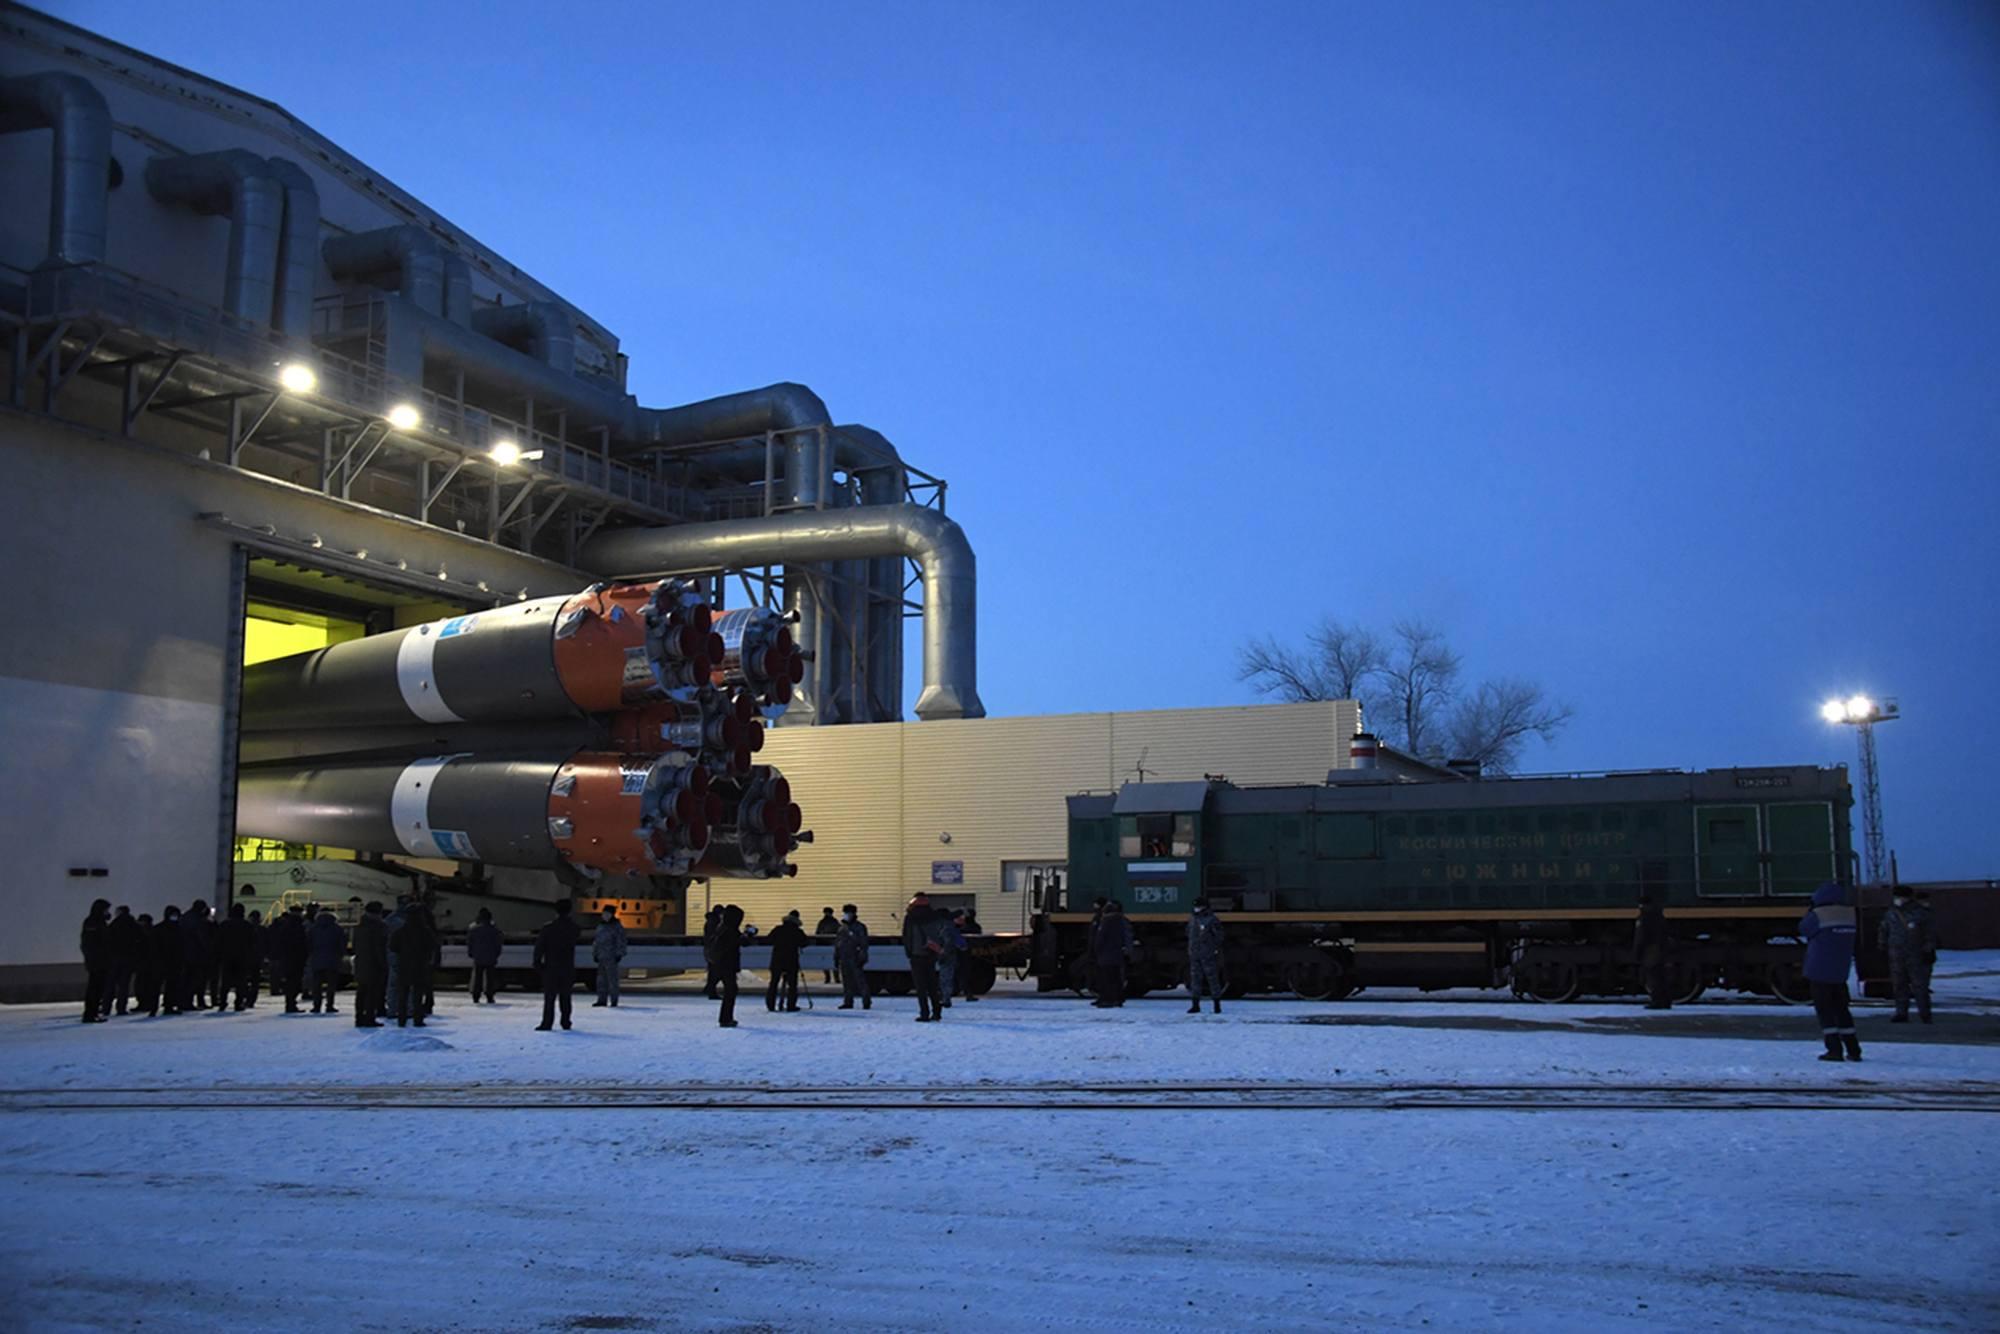 Sortie du convoi portant le lanceur du MIK du site 31.